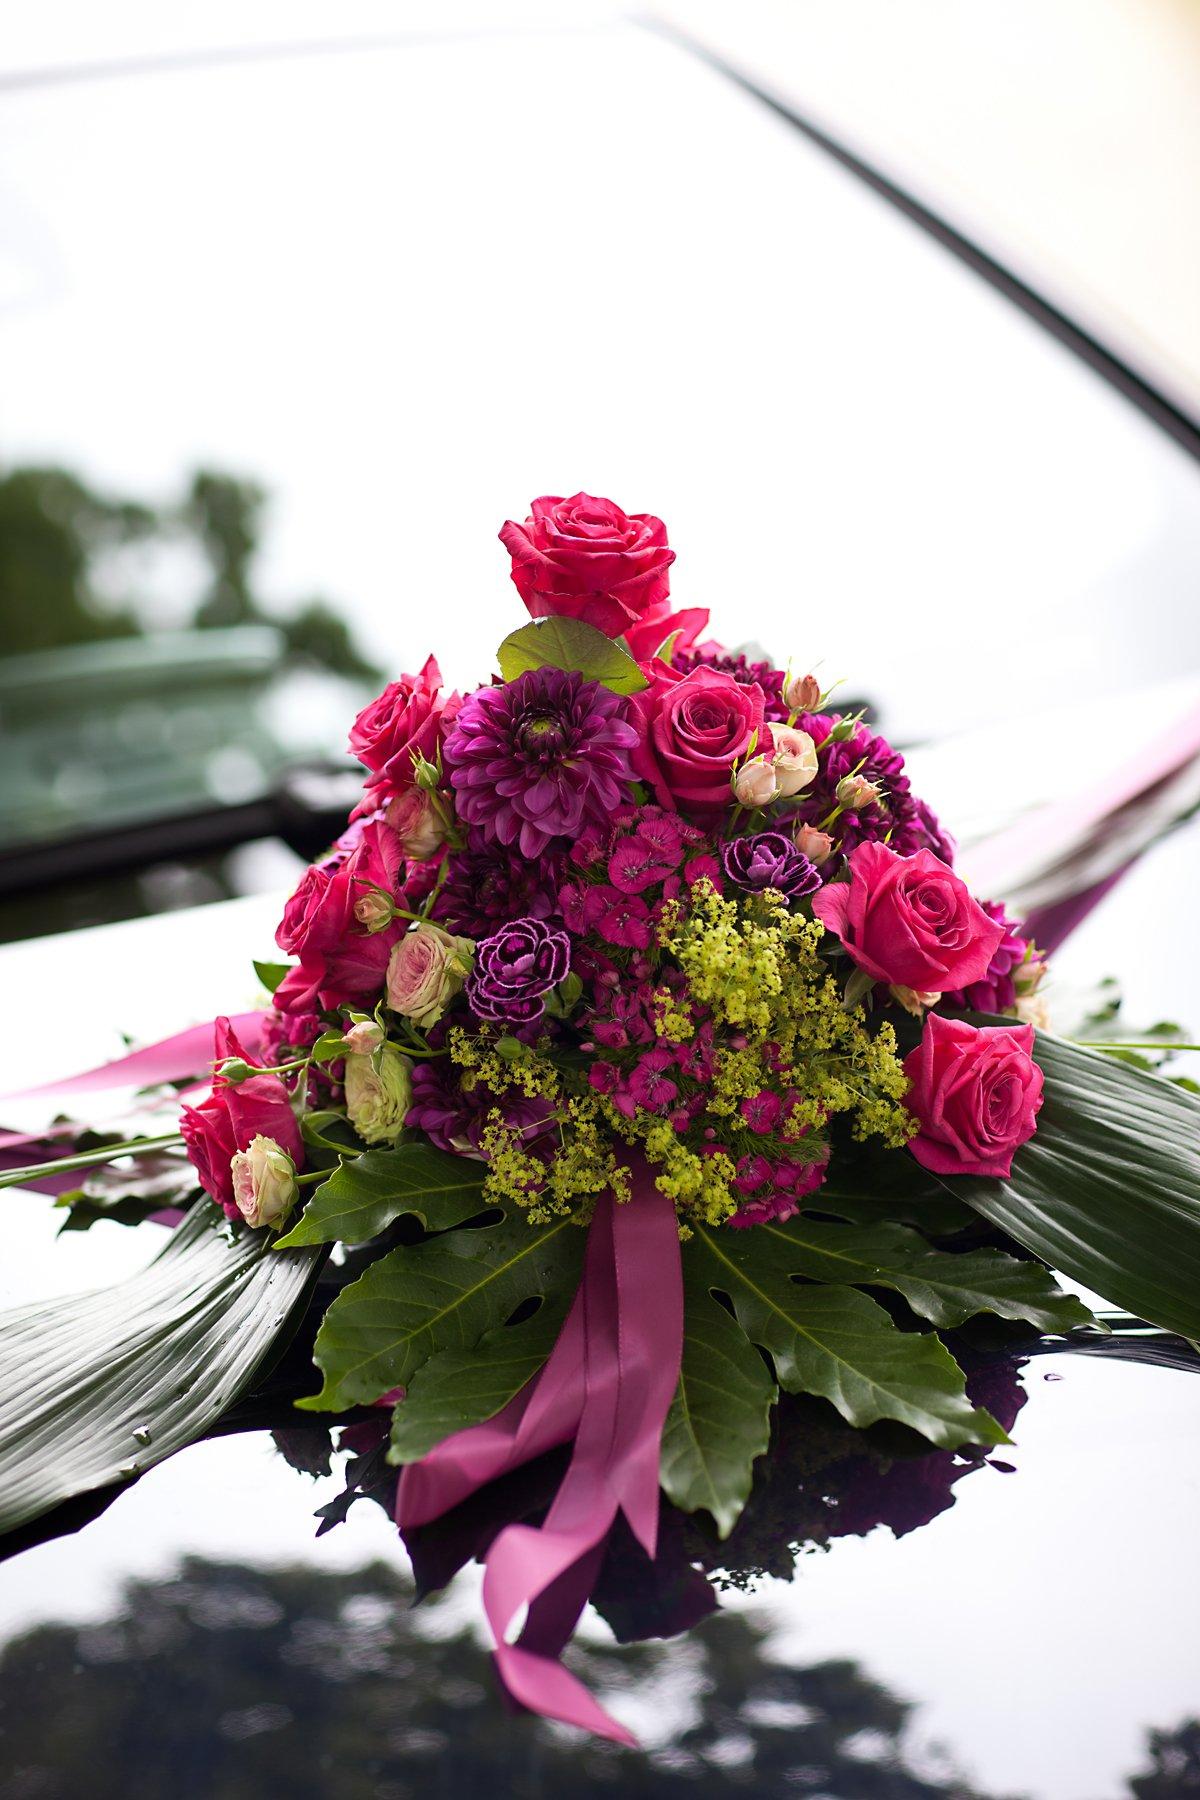 dekoration mit hochzeitsblumen hochzeit blumen rosen. Black Bedroom Furniture Sets. Home Design Ideas